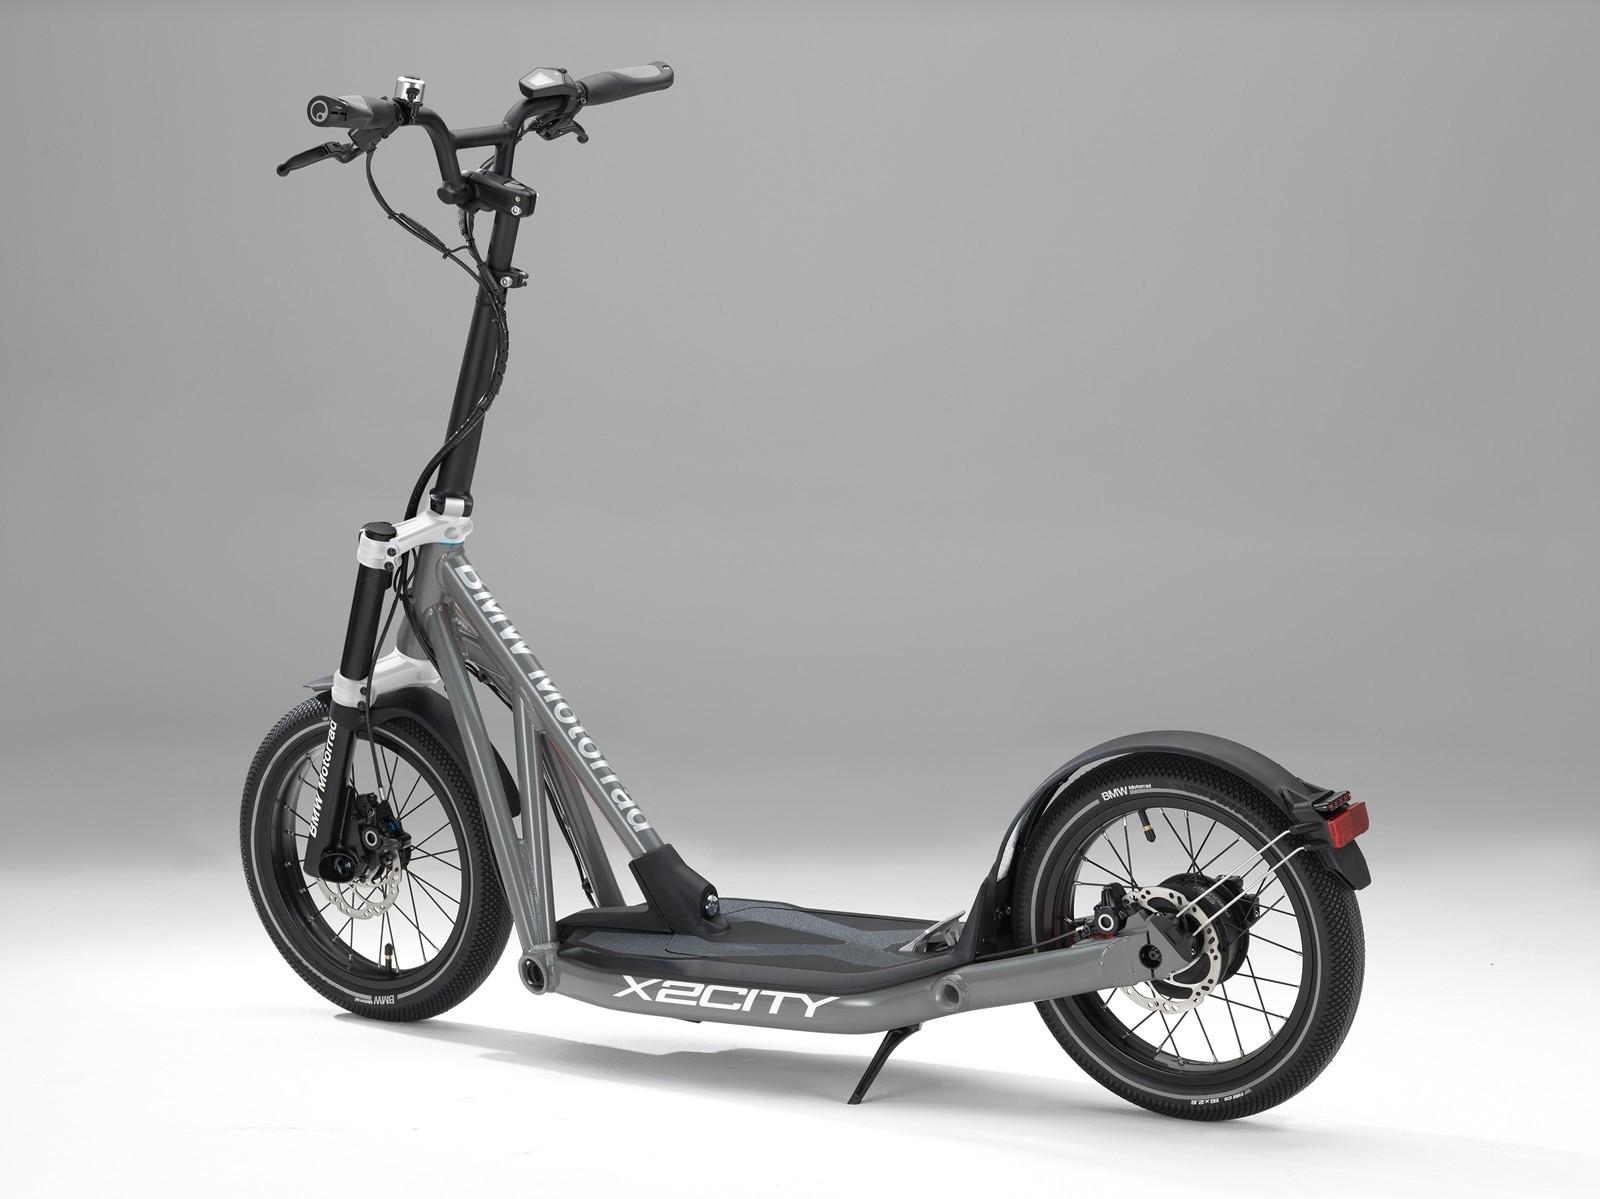 Foto de BMW Motorrad X2City, un patinete eléctrico de la marca alemana (7/10)